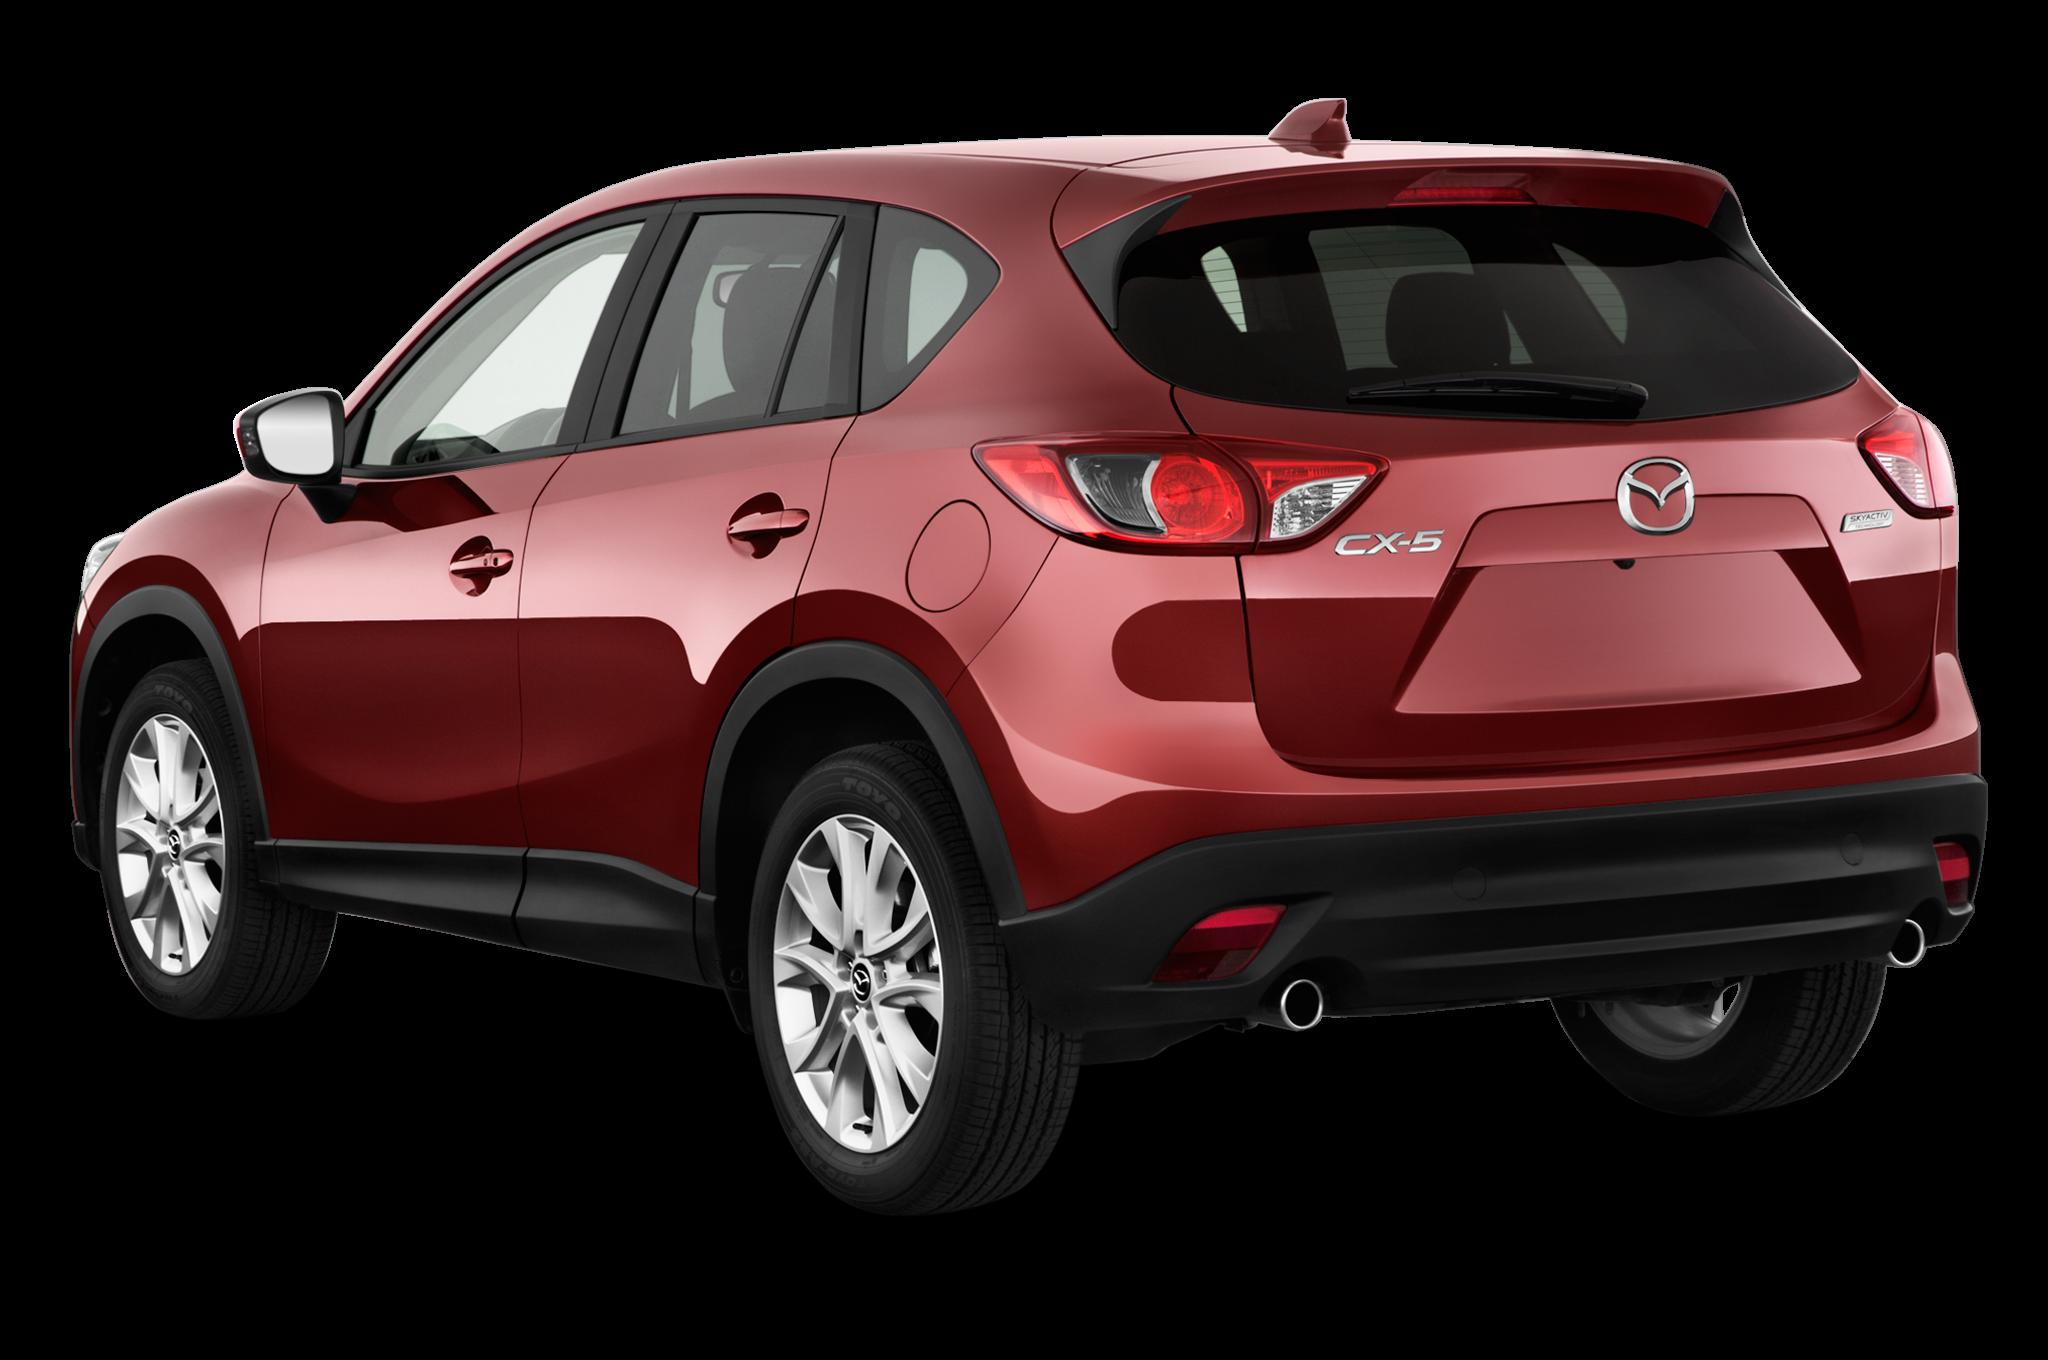 Kelebihan Mazda 5 2014 Murah Berkualitas